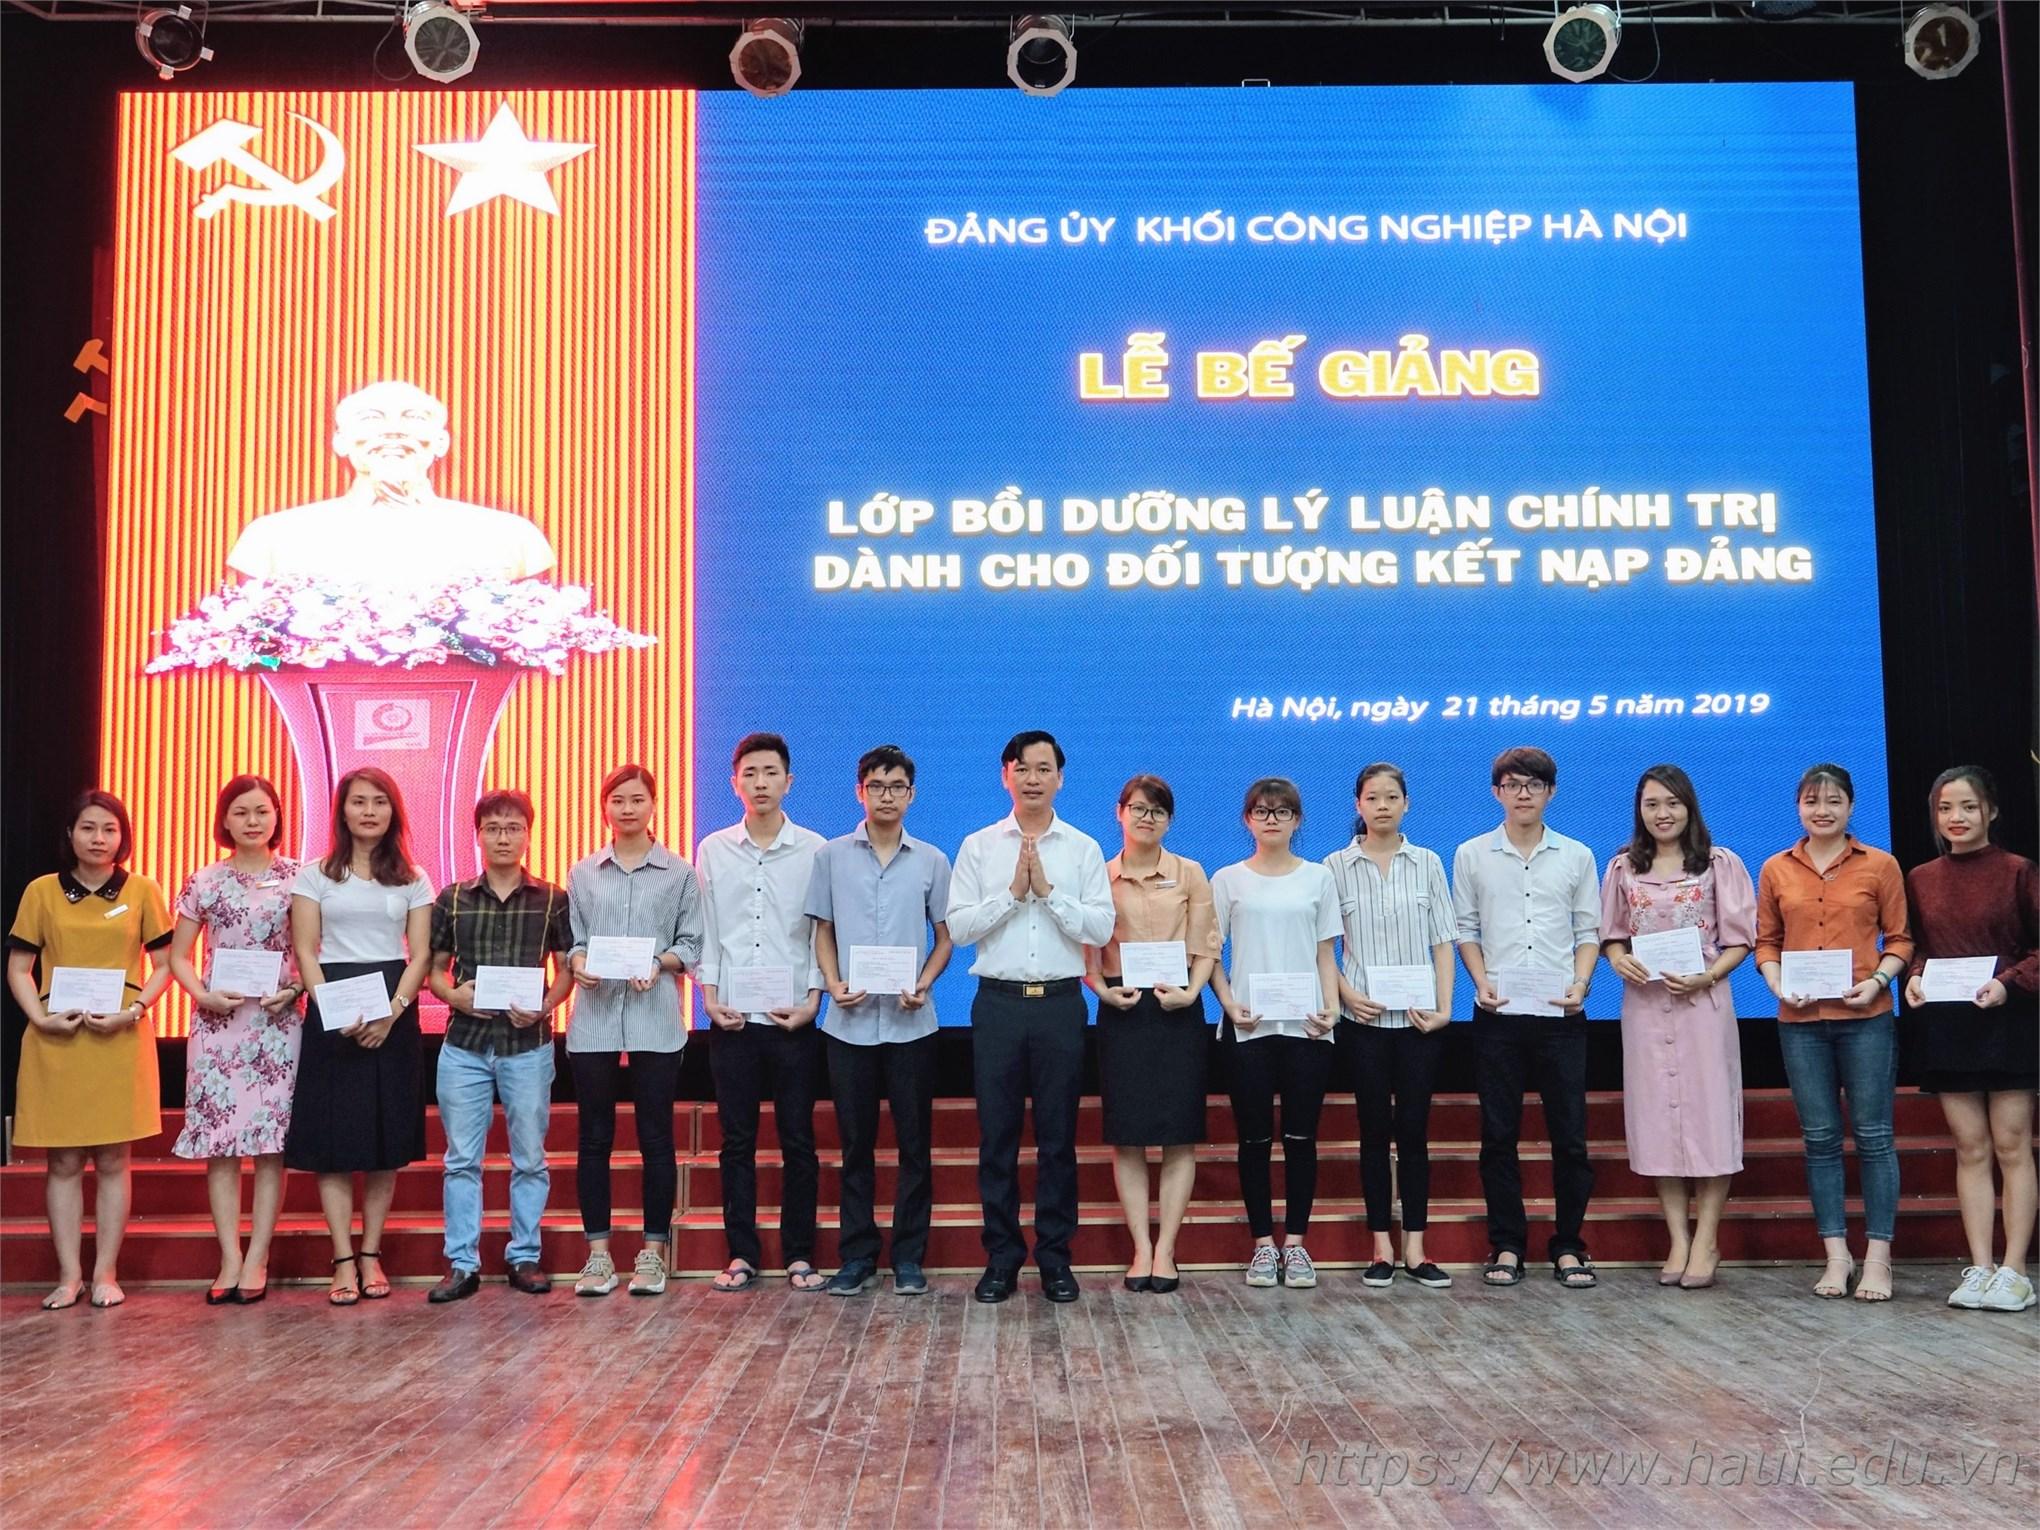 142 học viên hoàn thành khóa đào tạo bồi dưỡng kết nạp đảng năm 2019